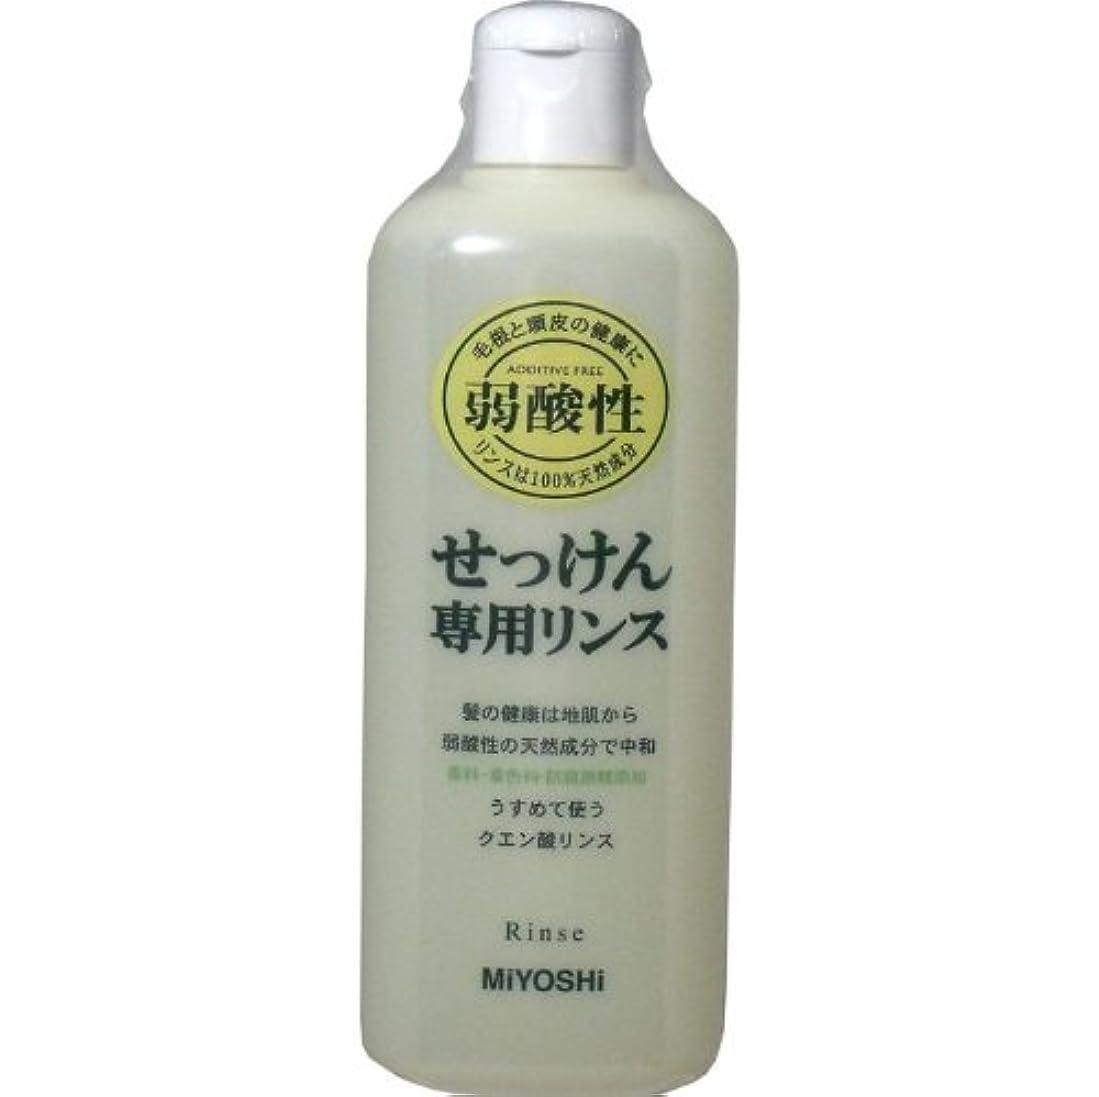 運営申し立てシンク髪の健康は地肌から、弱酸性の天然成分で中和!!香料、防腐剤、着色料無添加!うすめて使うクエン酸リンス!リンス 350mL